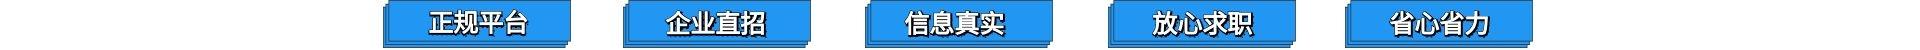 天津众搏人才网闪电招聘-正规招聘平台,企业直招,找工作靠谱